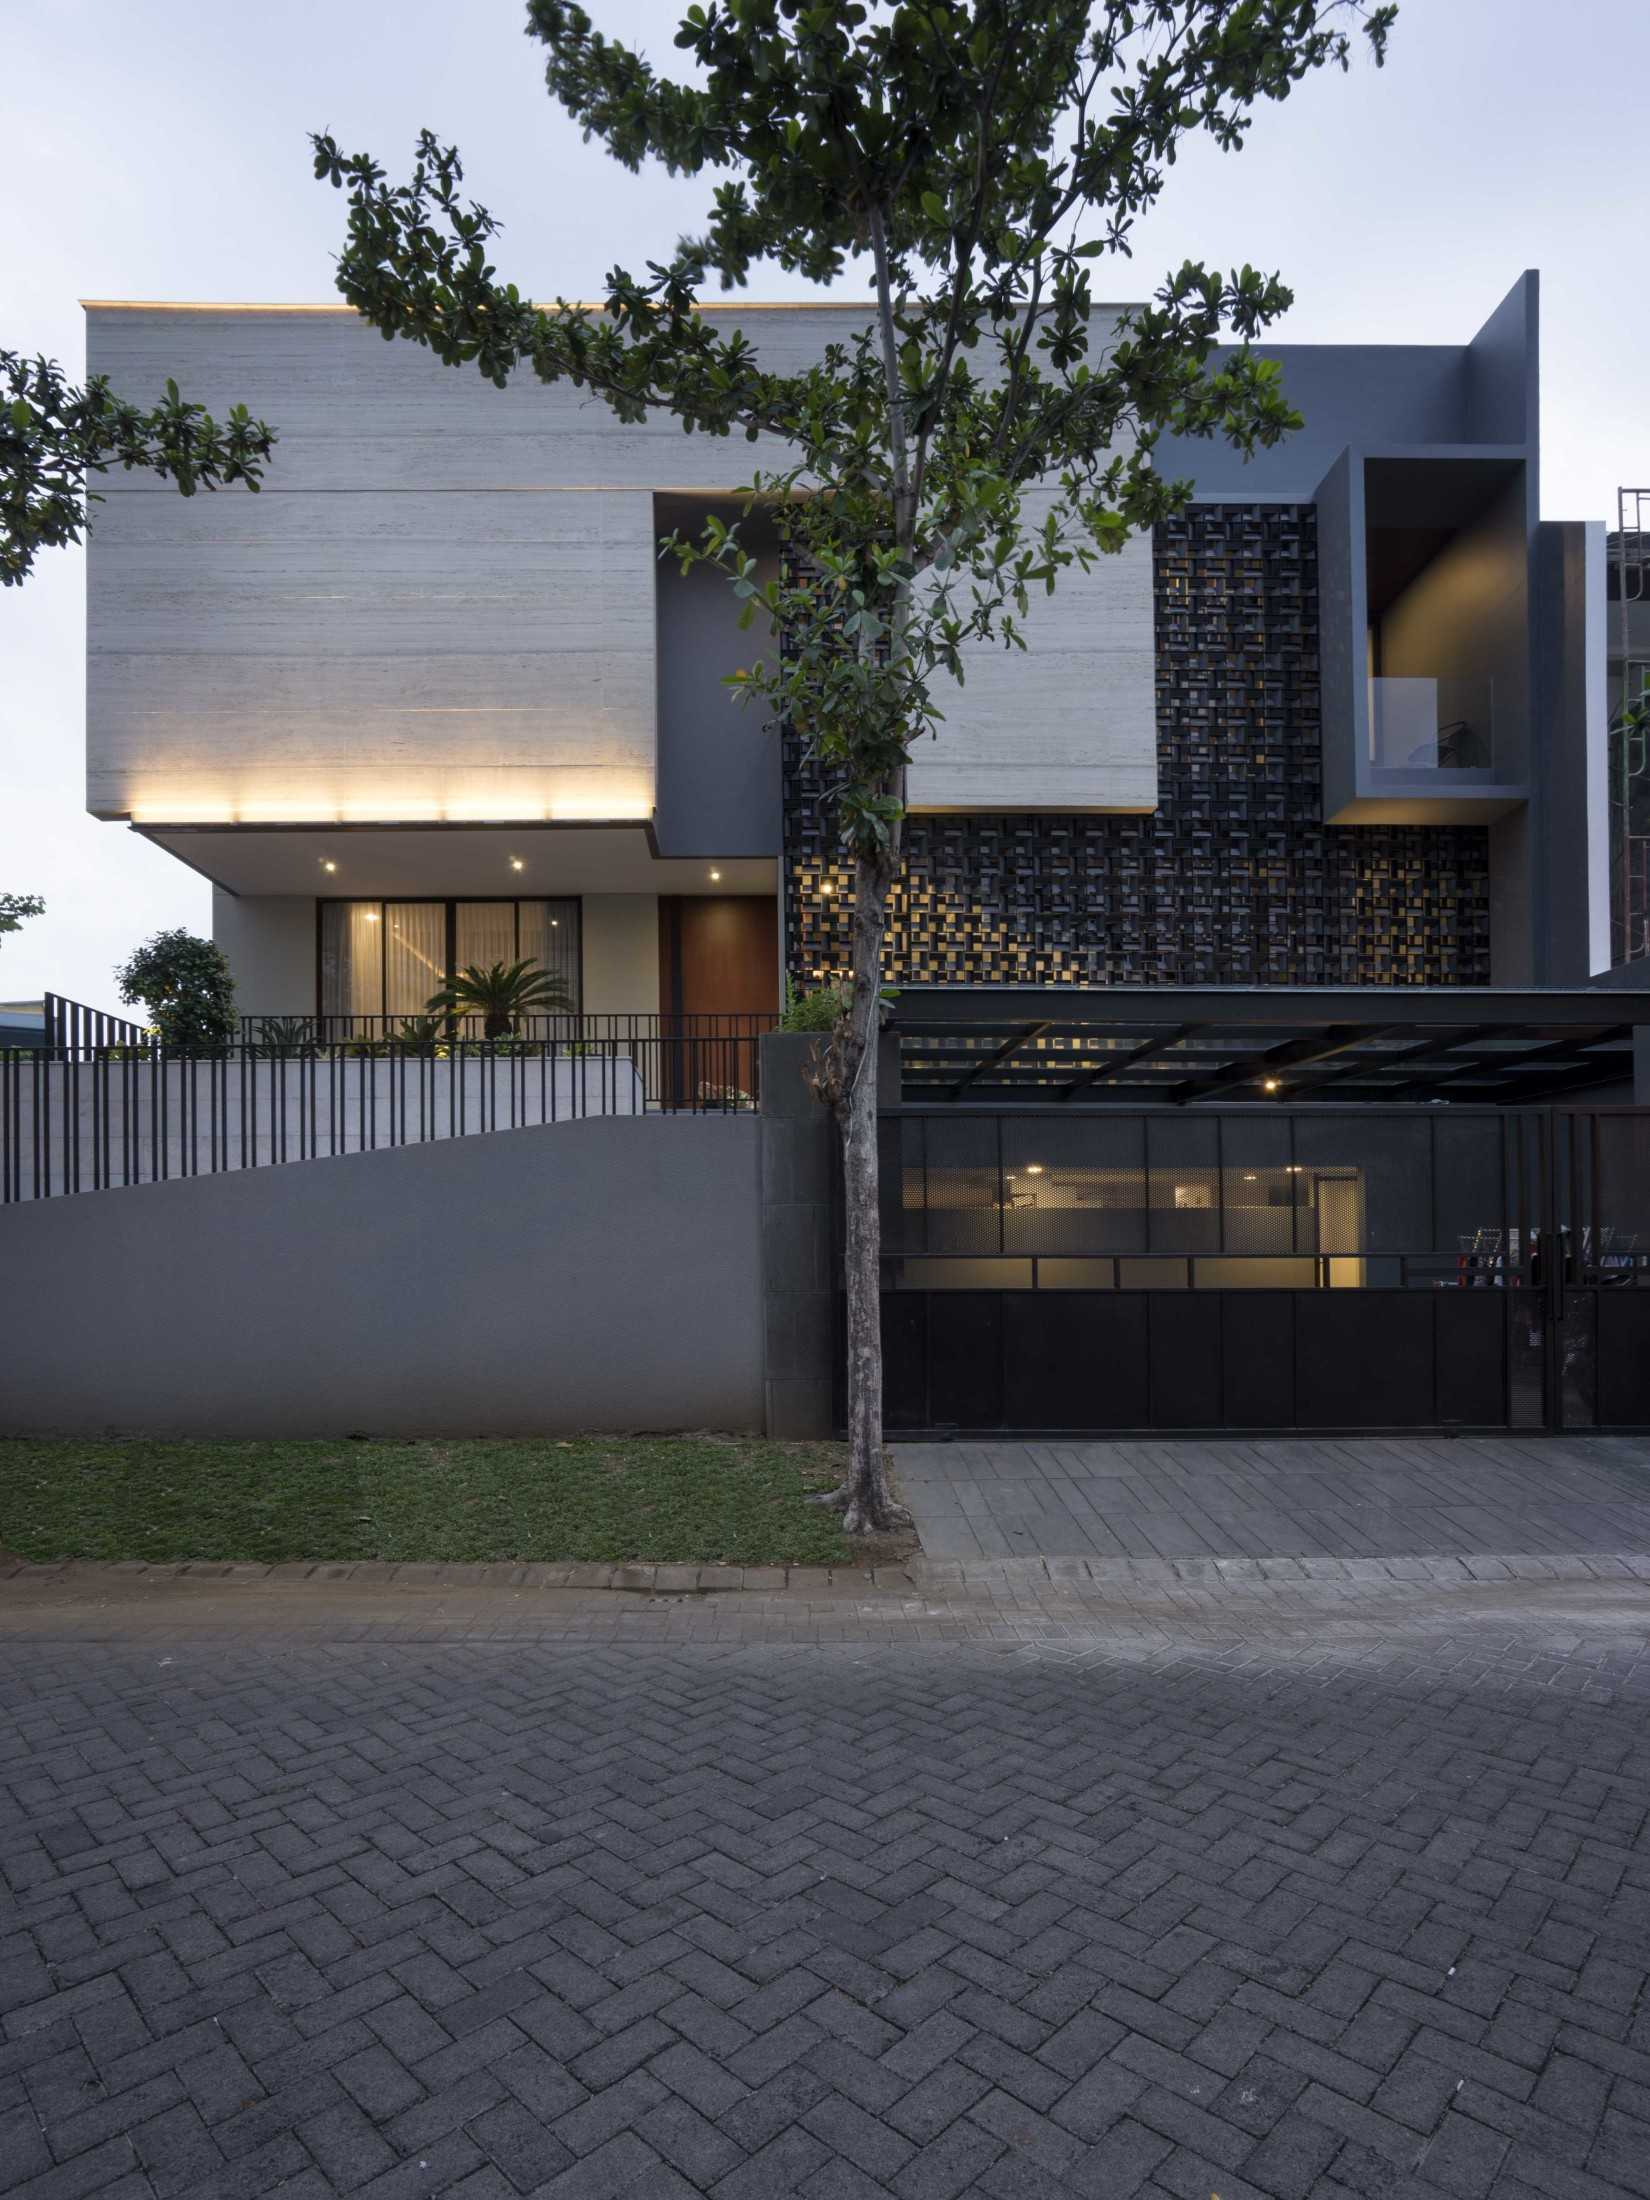 Rendic Ho Hn House Surabaya, Kota Sby, Jawa Timur, Indonesia Surabaya, Kota Sby, Jawa Timur, Indonesia Rendic-Ho-Hn-House  106241